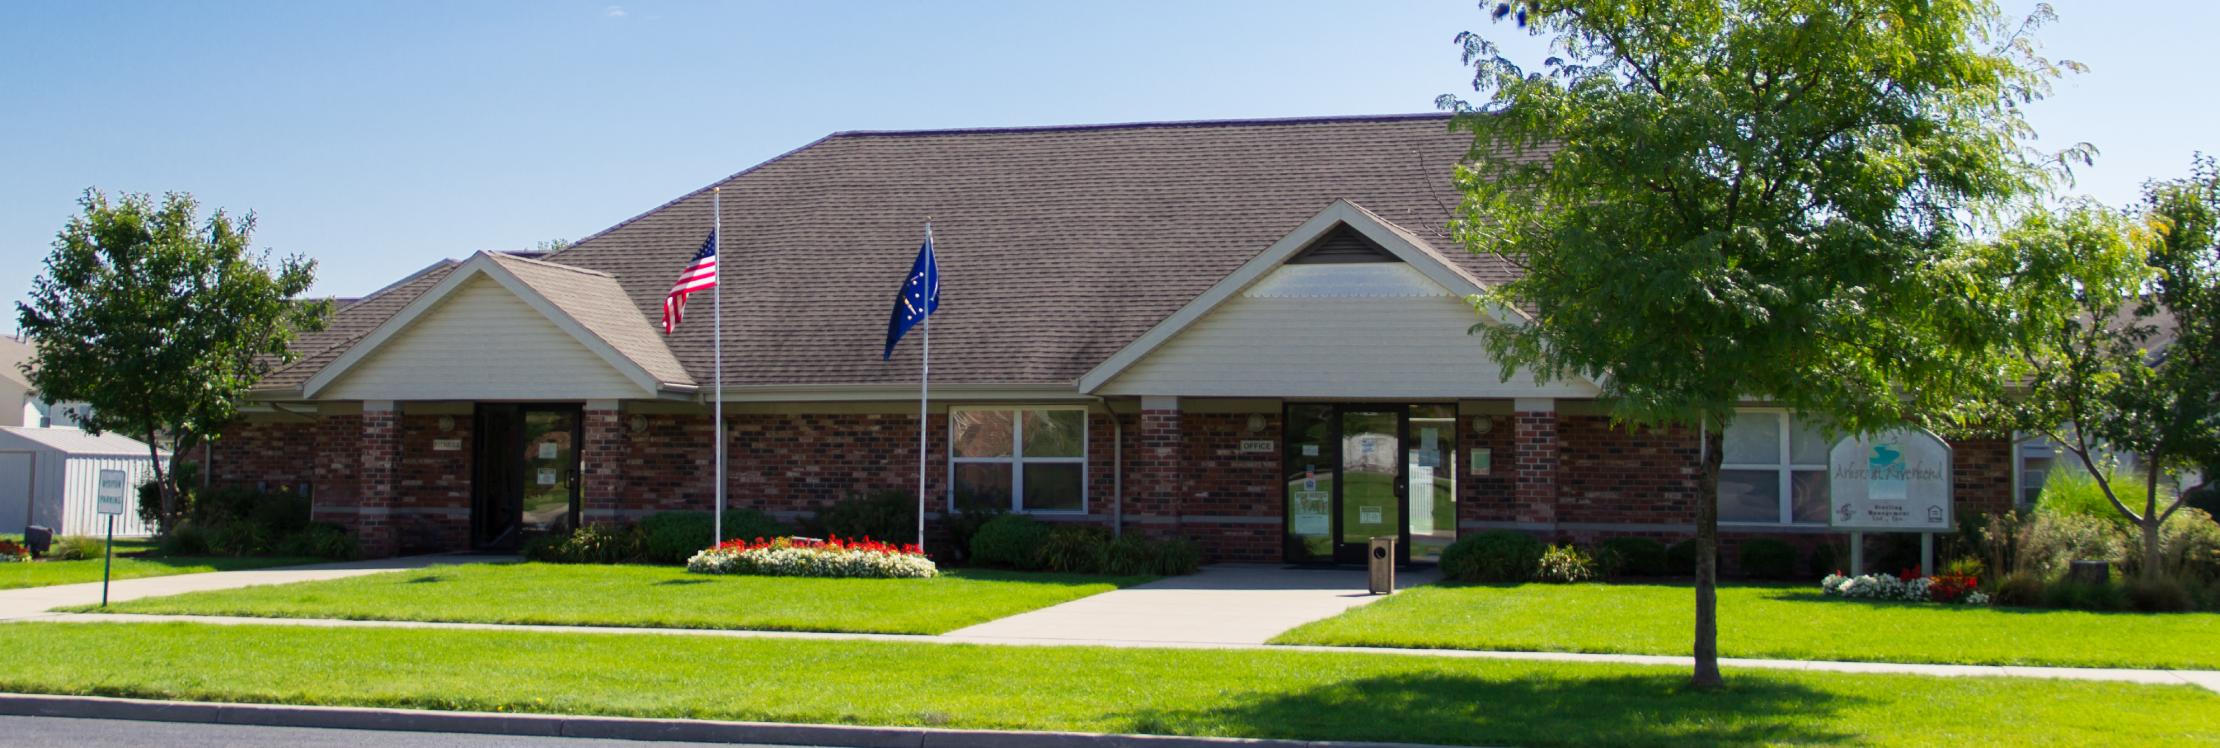 Arbors at Riverbend Apartments reviews | Apartments at 55750 Ash Road - Osceola IN